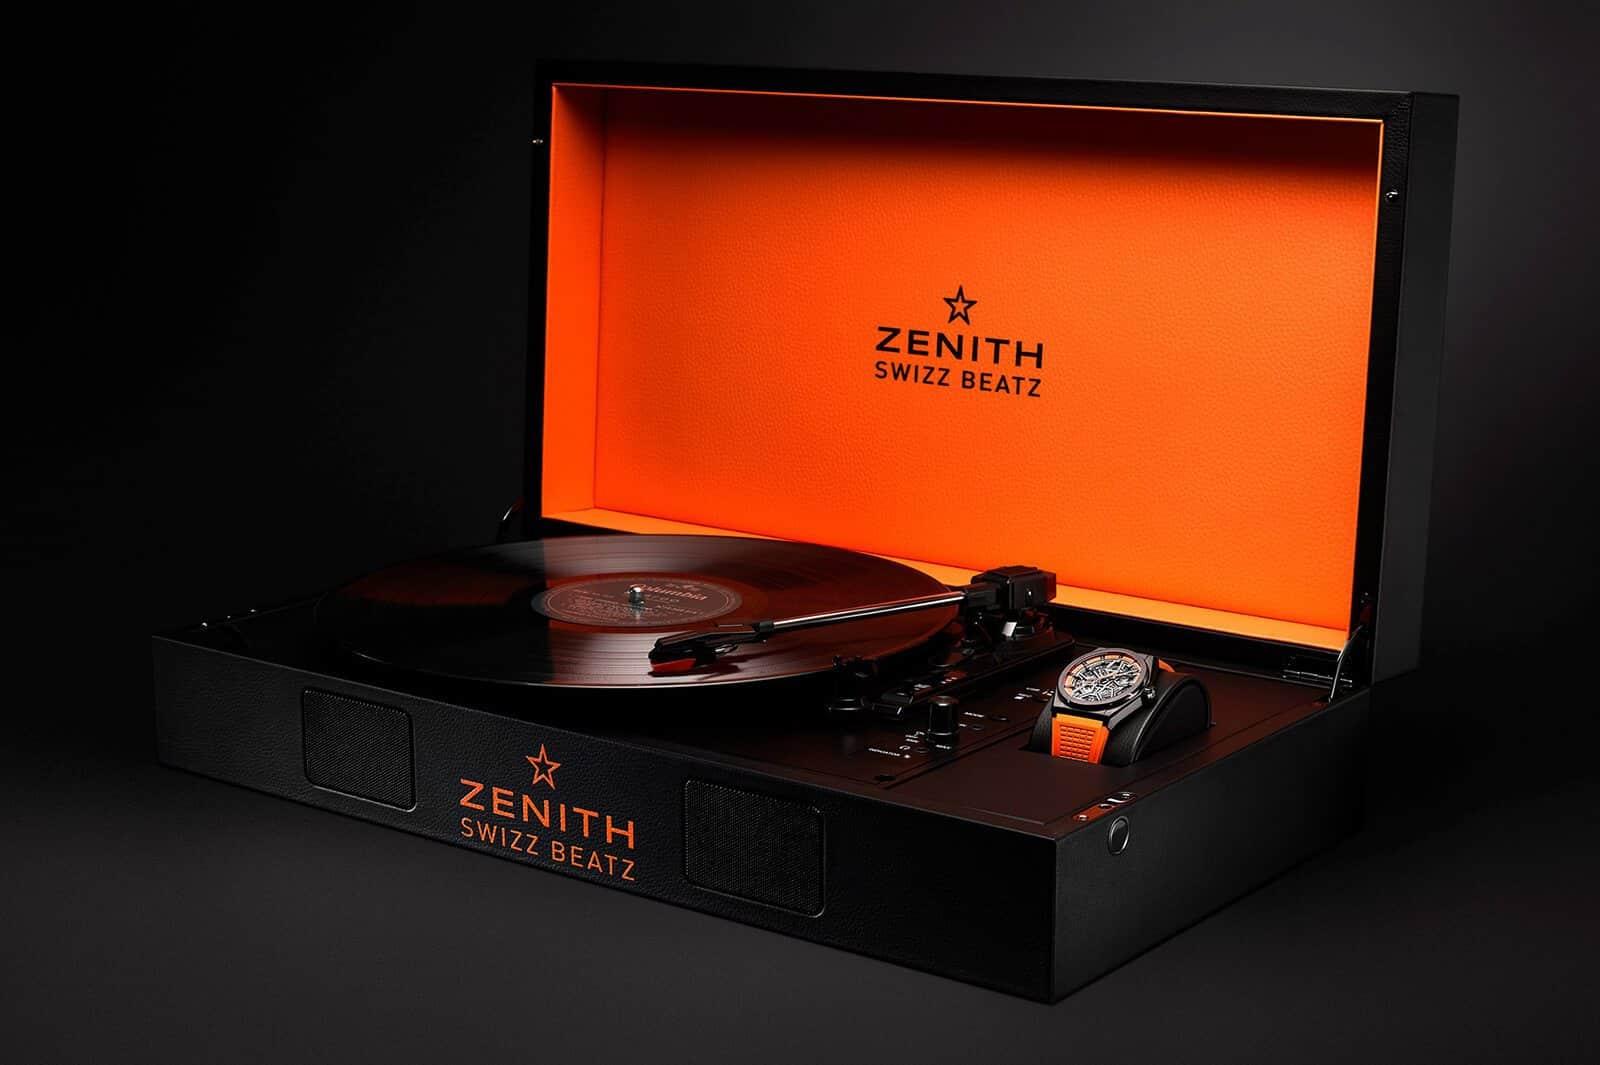 Zenith Defy Classic Swizz Beatz Edition